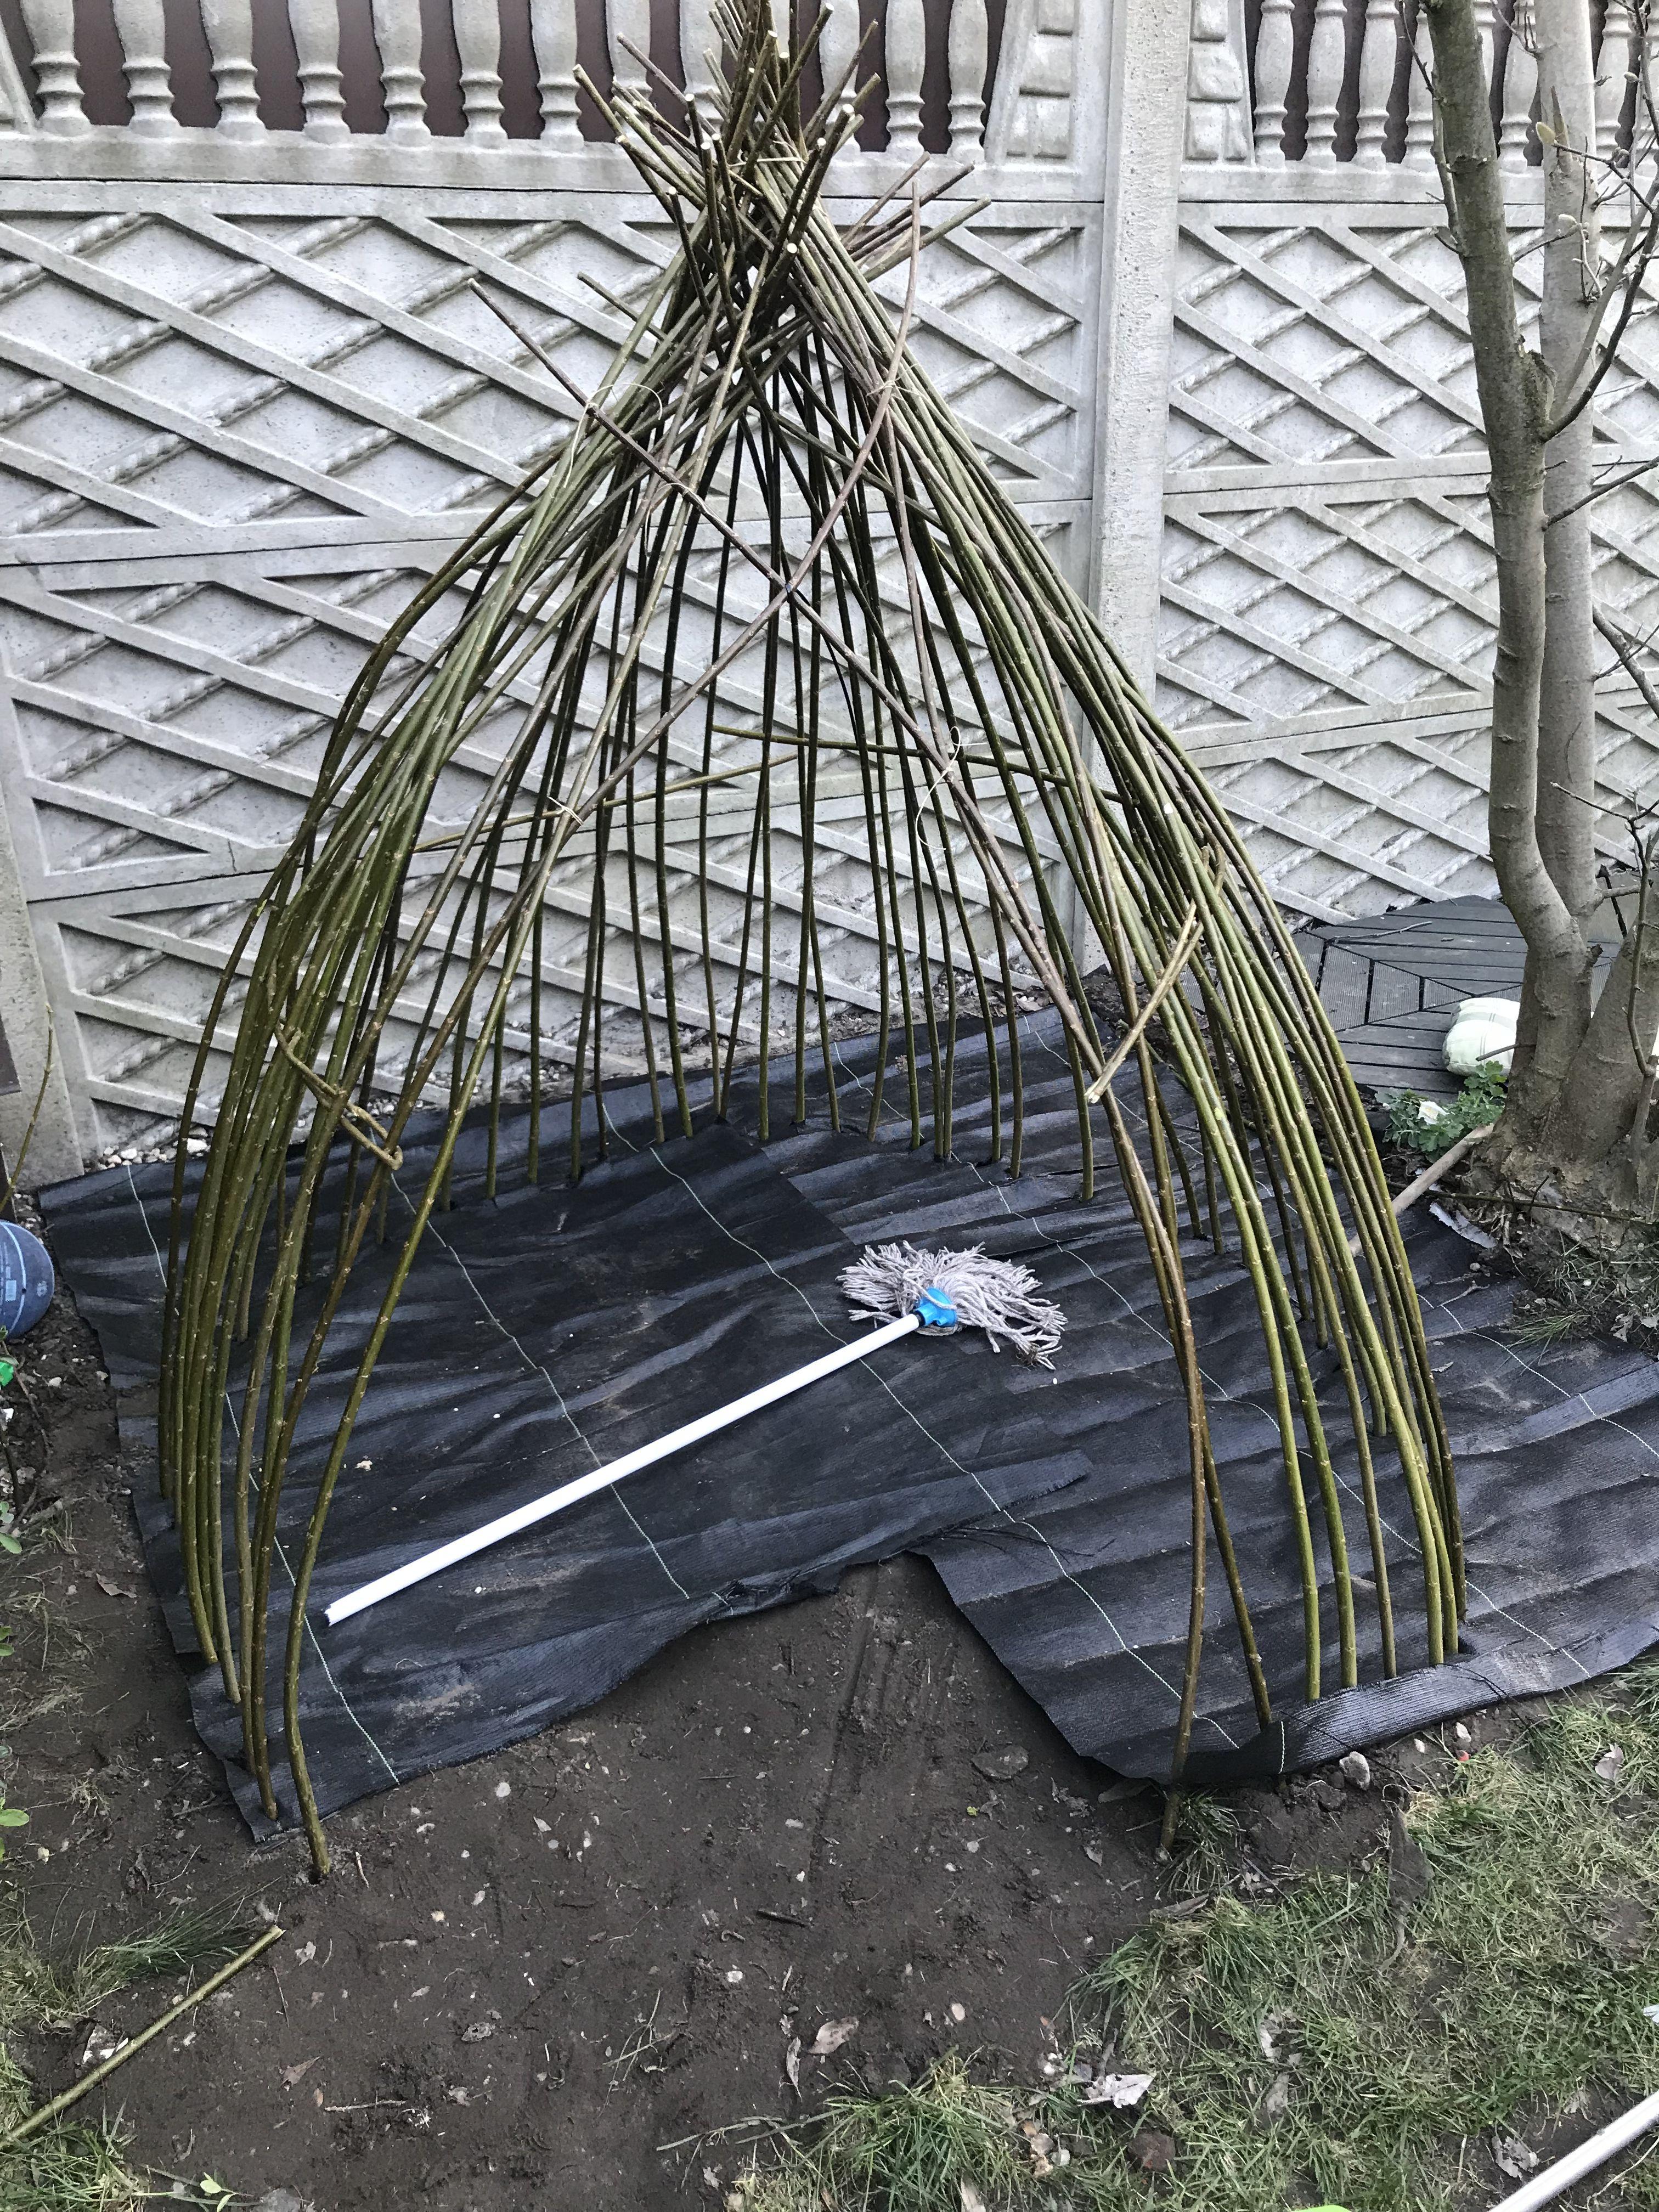 Tipi Wierzba Energetyczna Szalas Z Wierzby Iglo Domek Zielony Dla Dzieci Wierzba Willow Garden Hanging Chair Cutie